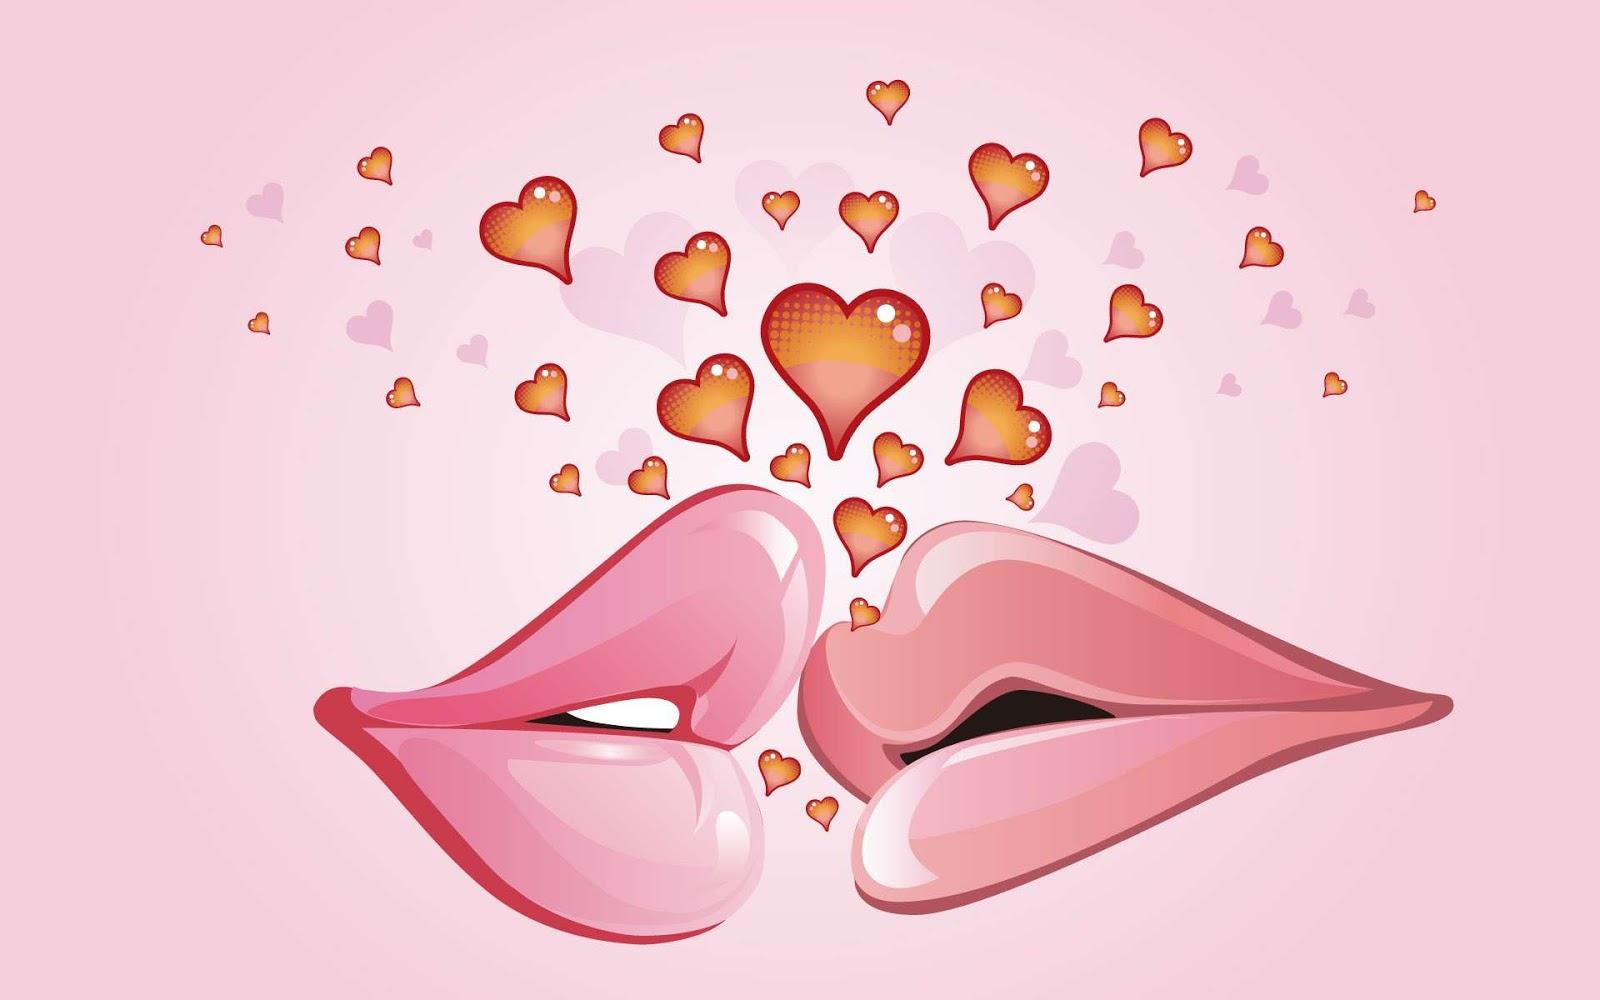 اجمل صور عيد الحب 2013  | كلام حب واشواق | صور حب رومنسية